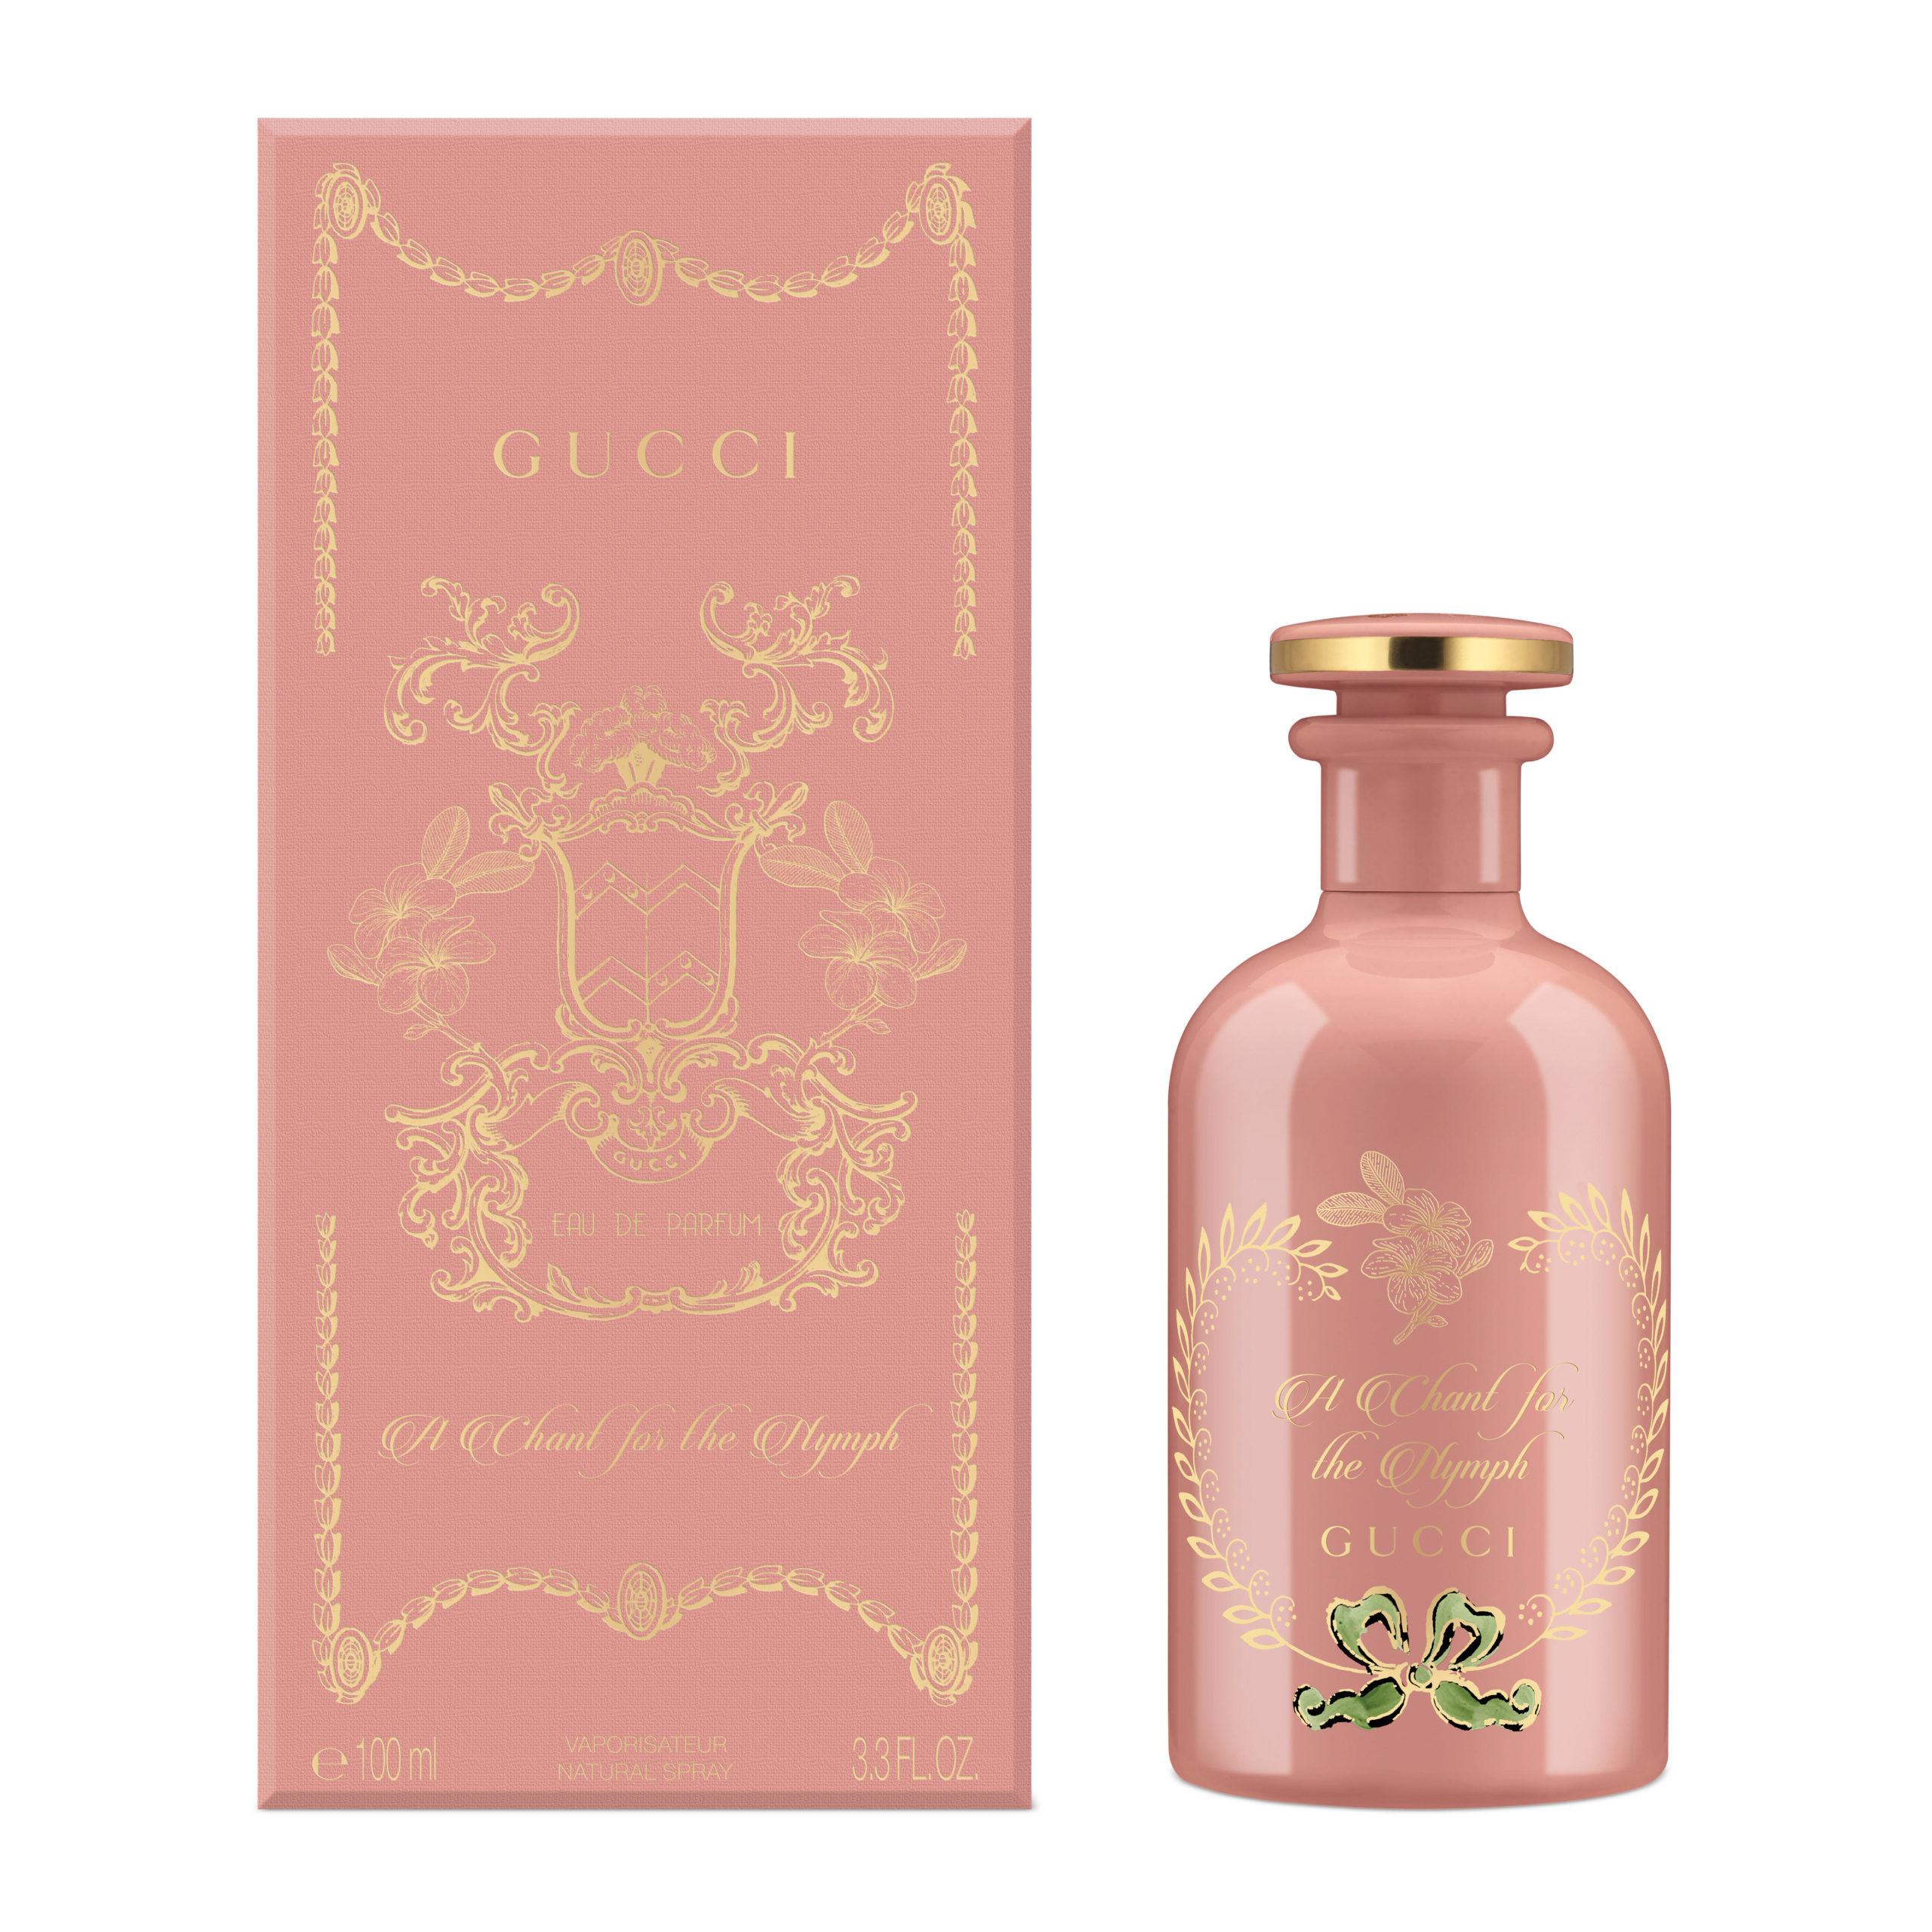 Незабываемый аромат Gucci A Chant For the Nymph с экзотическими нотами пудрово-ванильного франжипани, тиаре, иланг-иланга и ванили. В него влюбляешься с первого взгляда и привыкаешь, как любимому десерту.